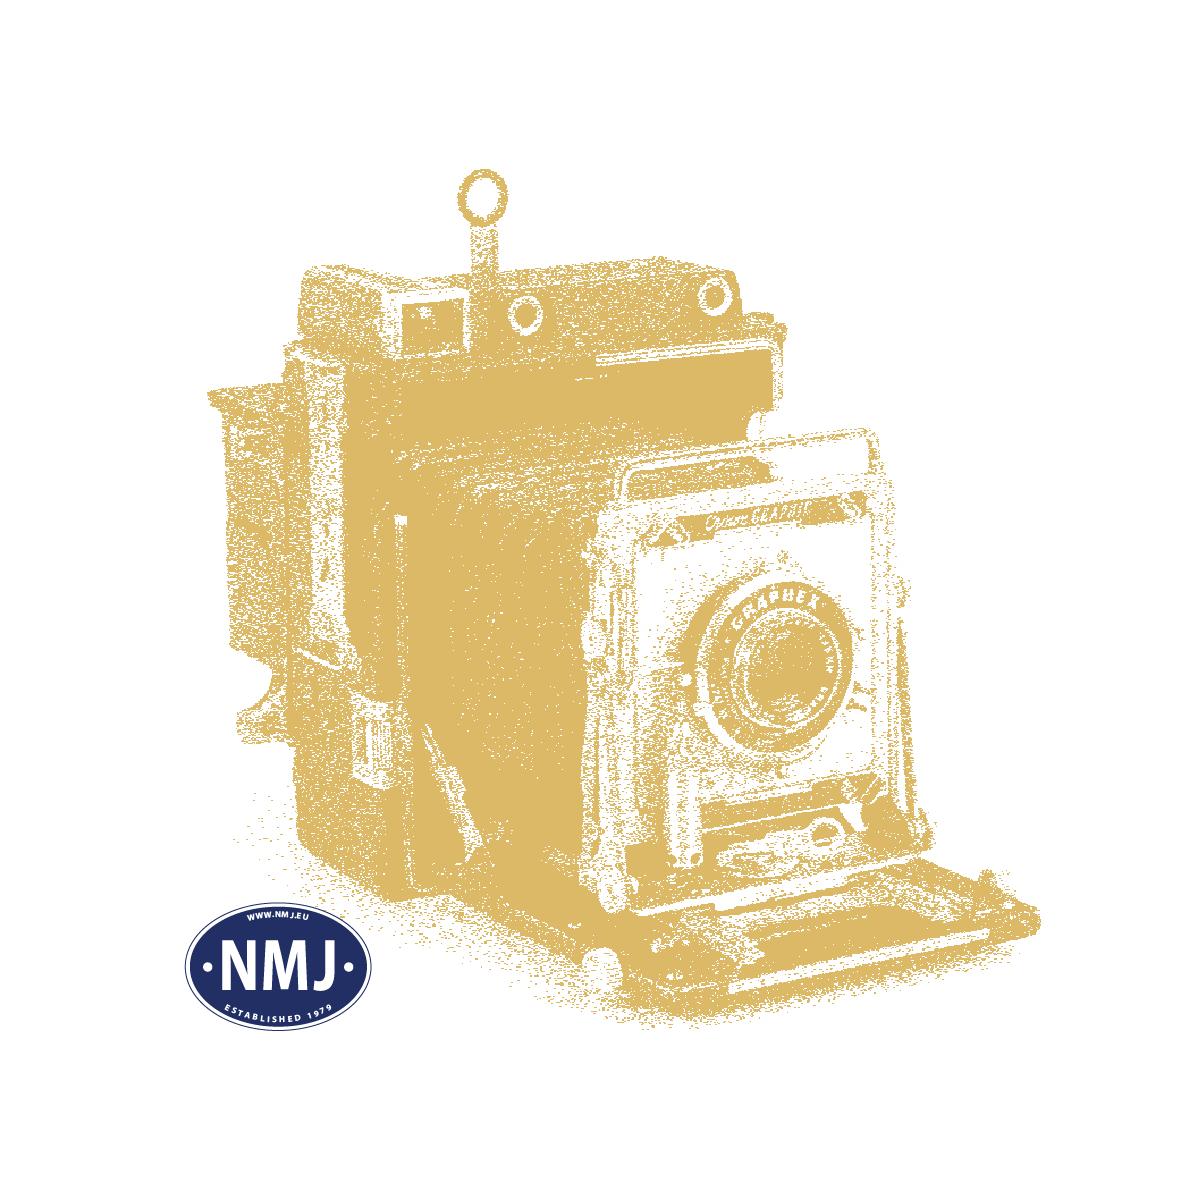 NMJS68A-1 - NMJ Superline NSB BM 68A, 3-vognsett, tidlig utgave